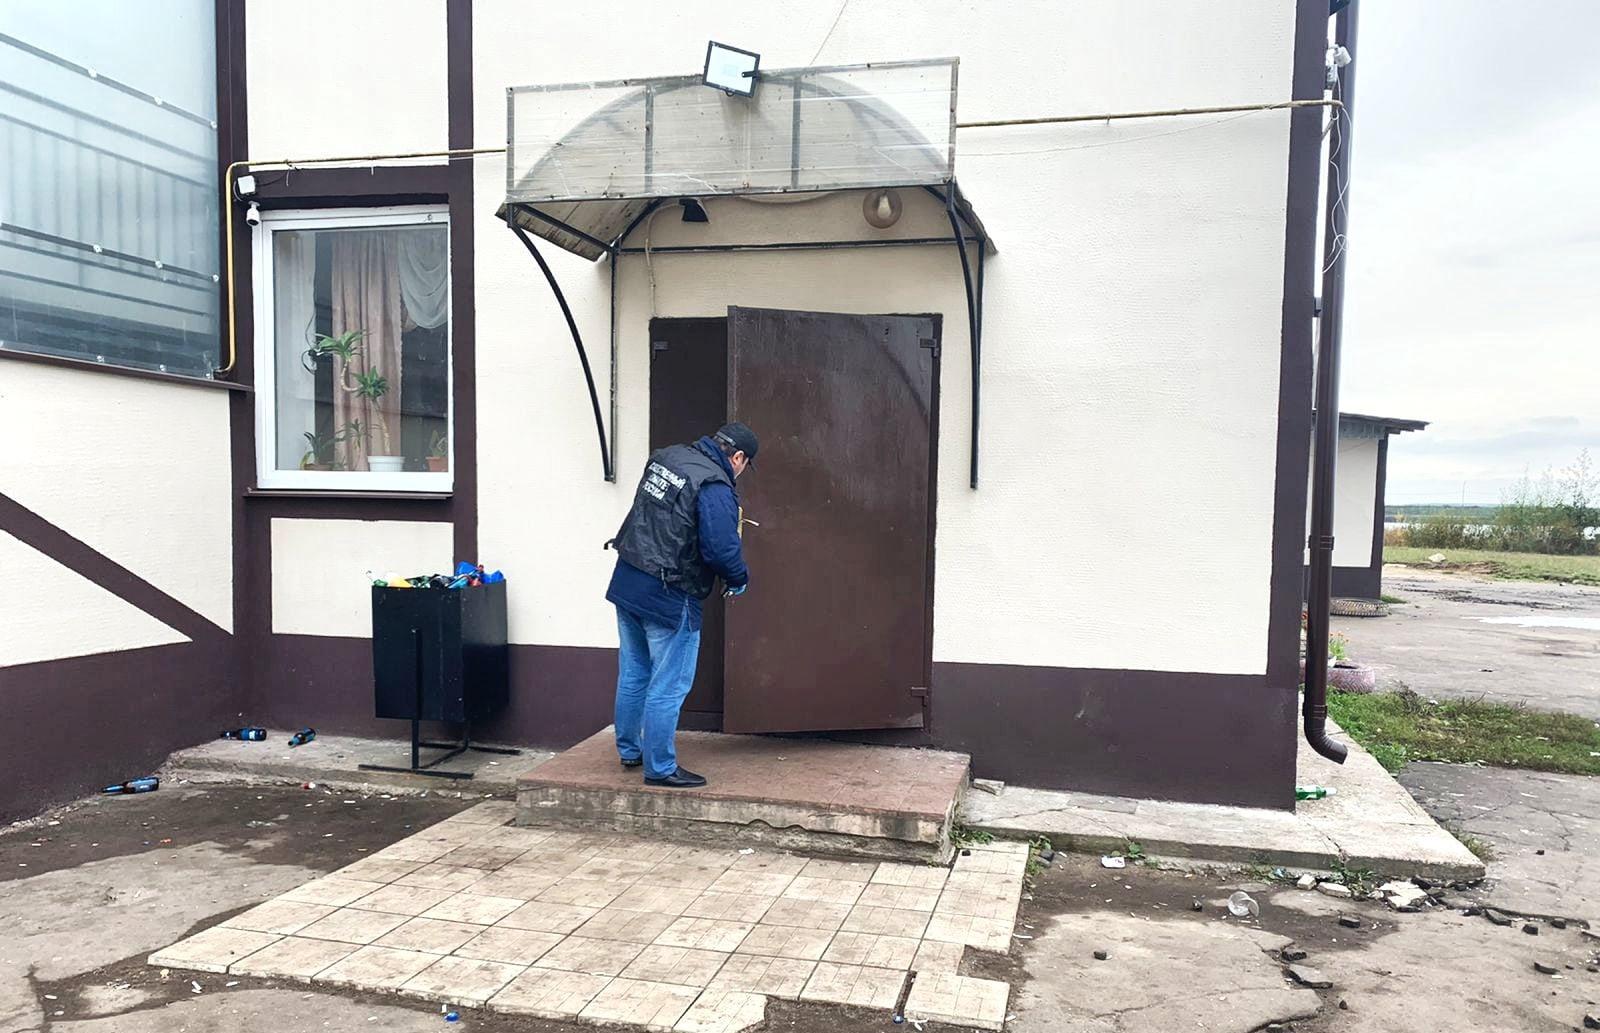 Жителю Вышнего Волочка предъявлено обвинение в убийстве подростка - новости Афанасий